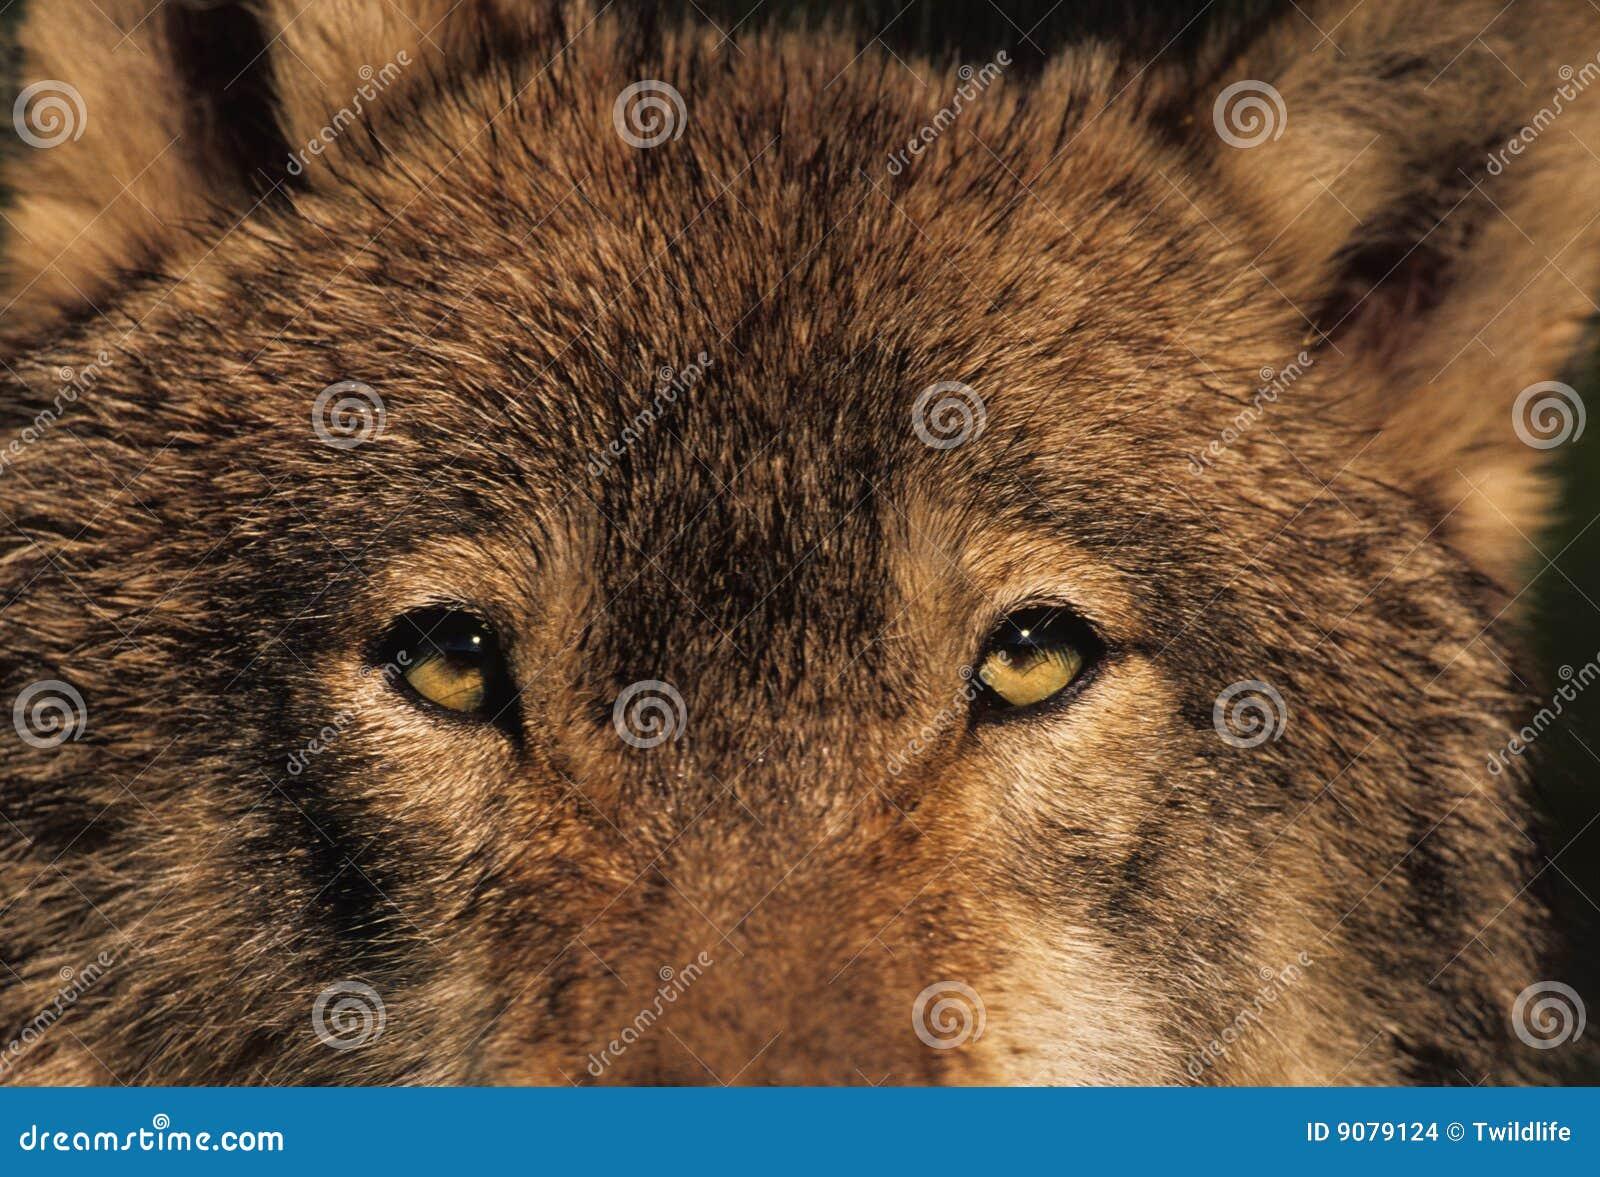 Stare des Wolfs